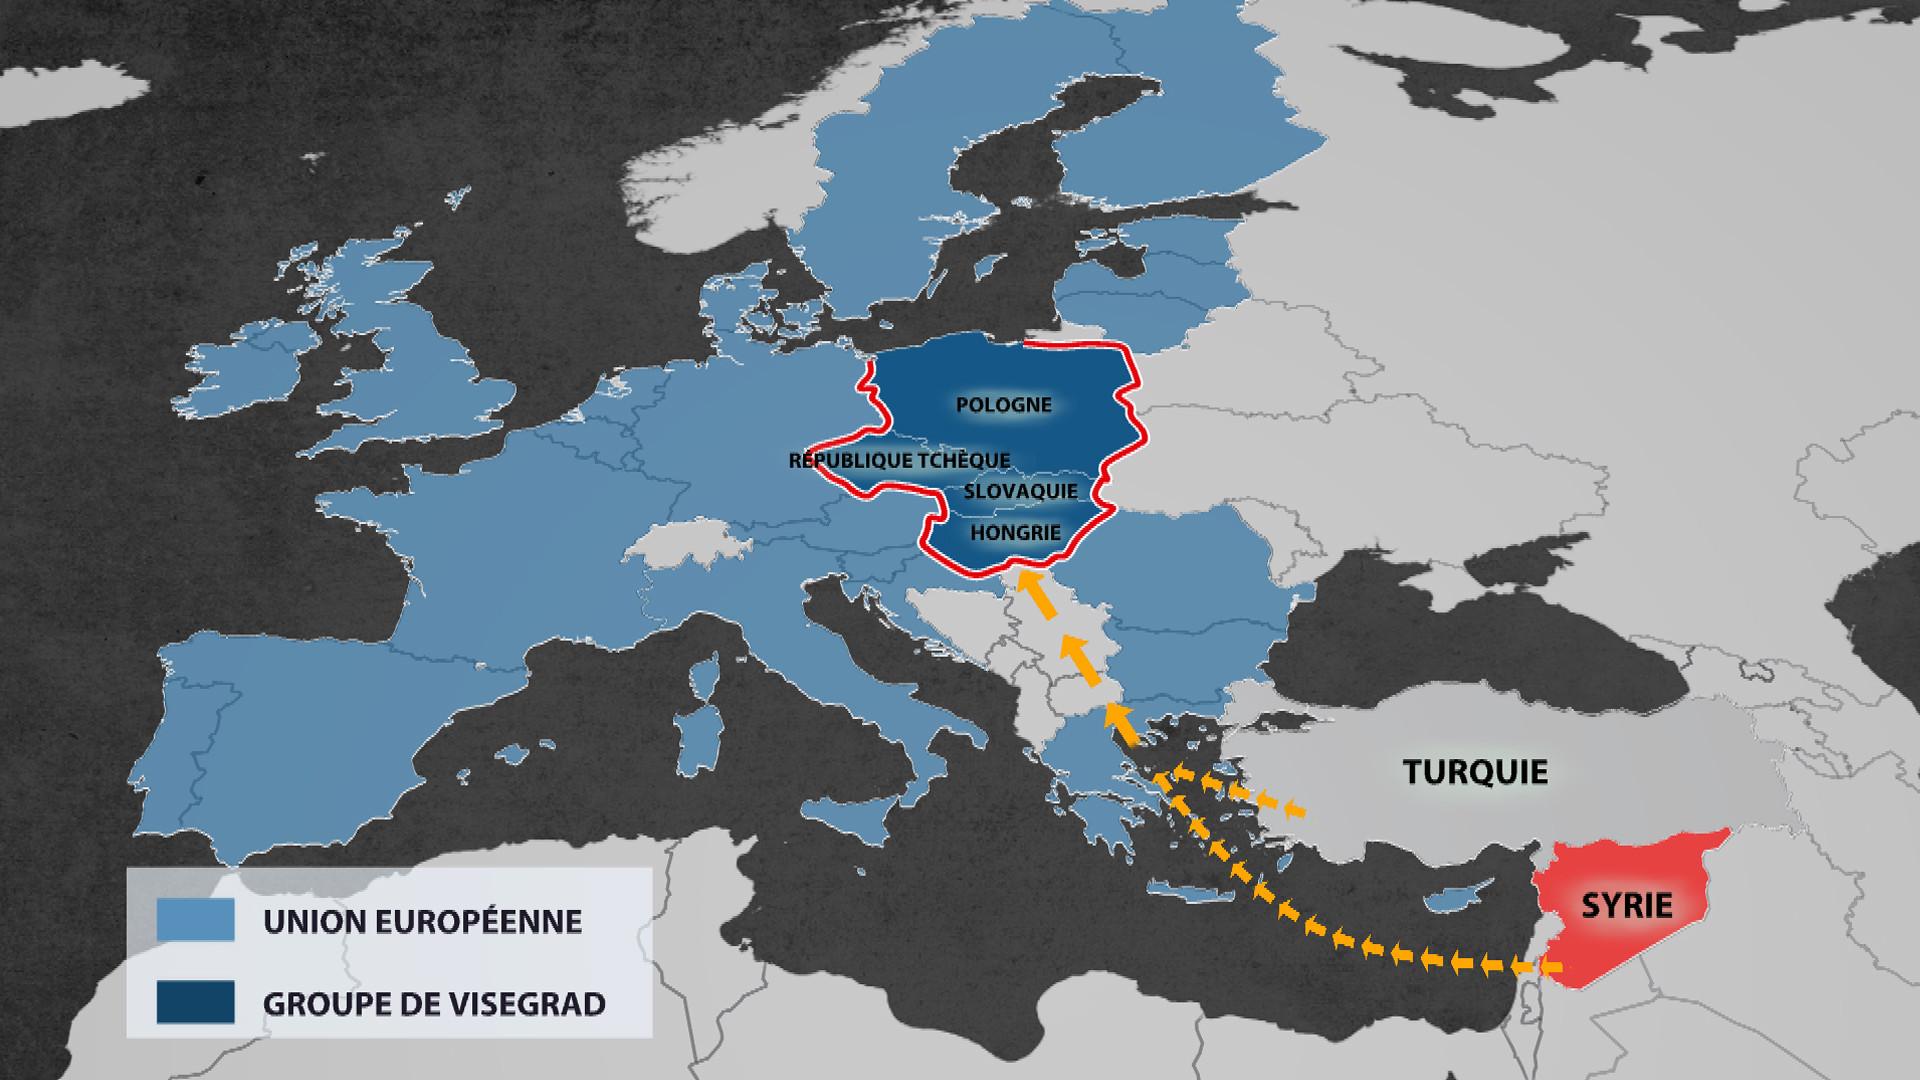 La crise des migrants réveille la fronde des ex-pays du Bloc de l'Est